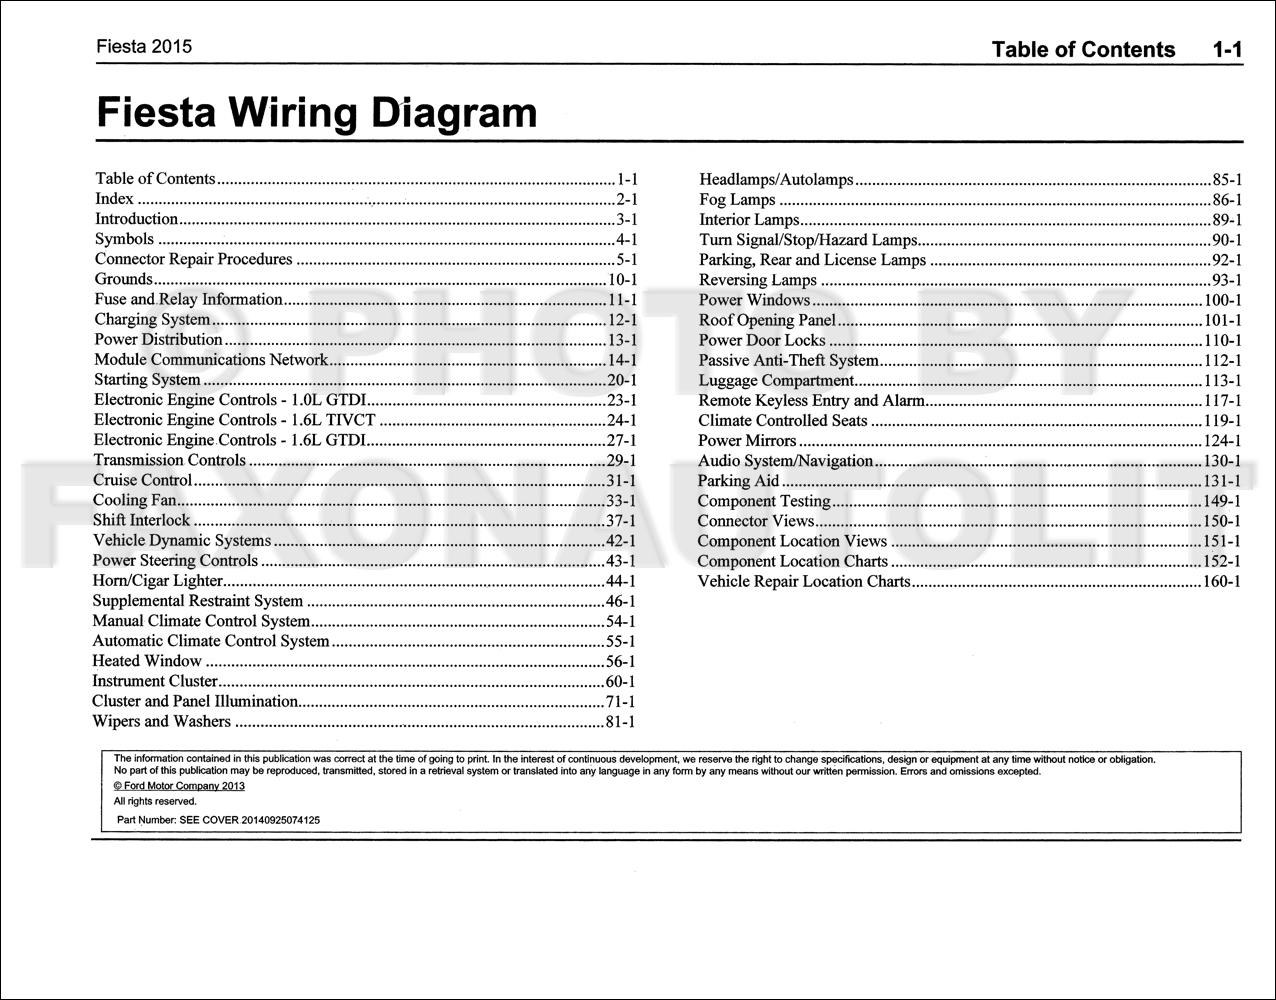 hight resolution of 2011 fiesta wire diagram 24 wiring diagram images 2012 ford fiesta wiring diagram cell 100 2012 ford fiesta wiring diagram pdf